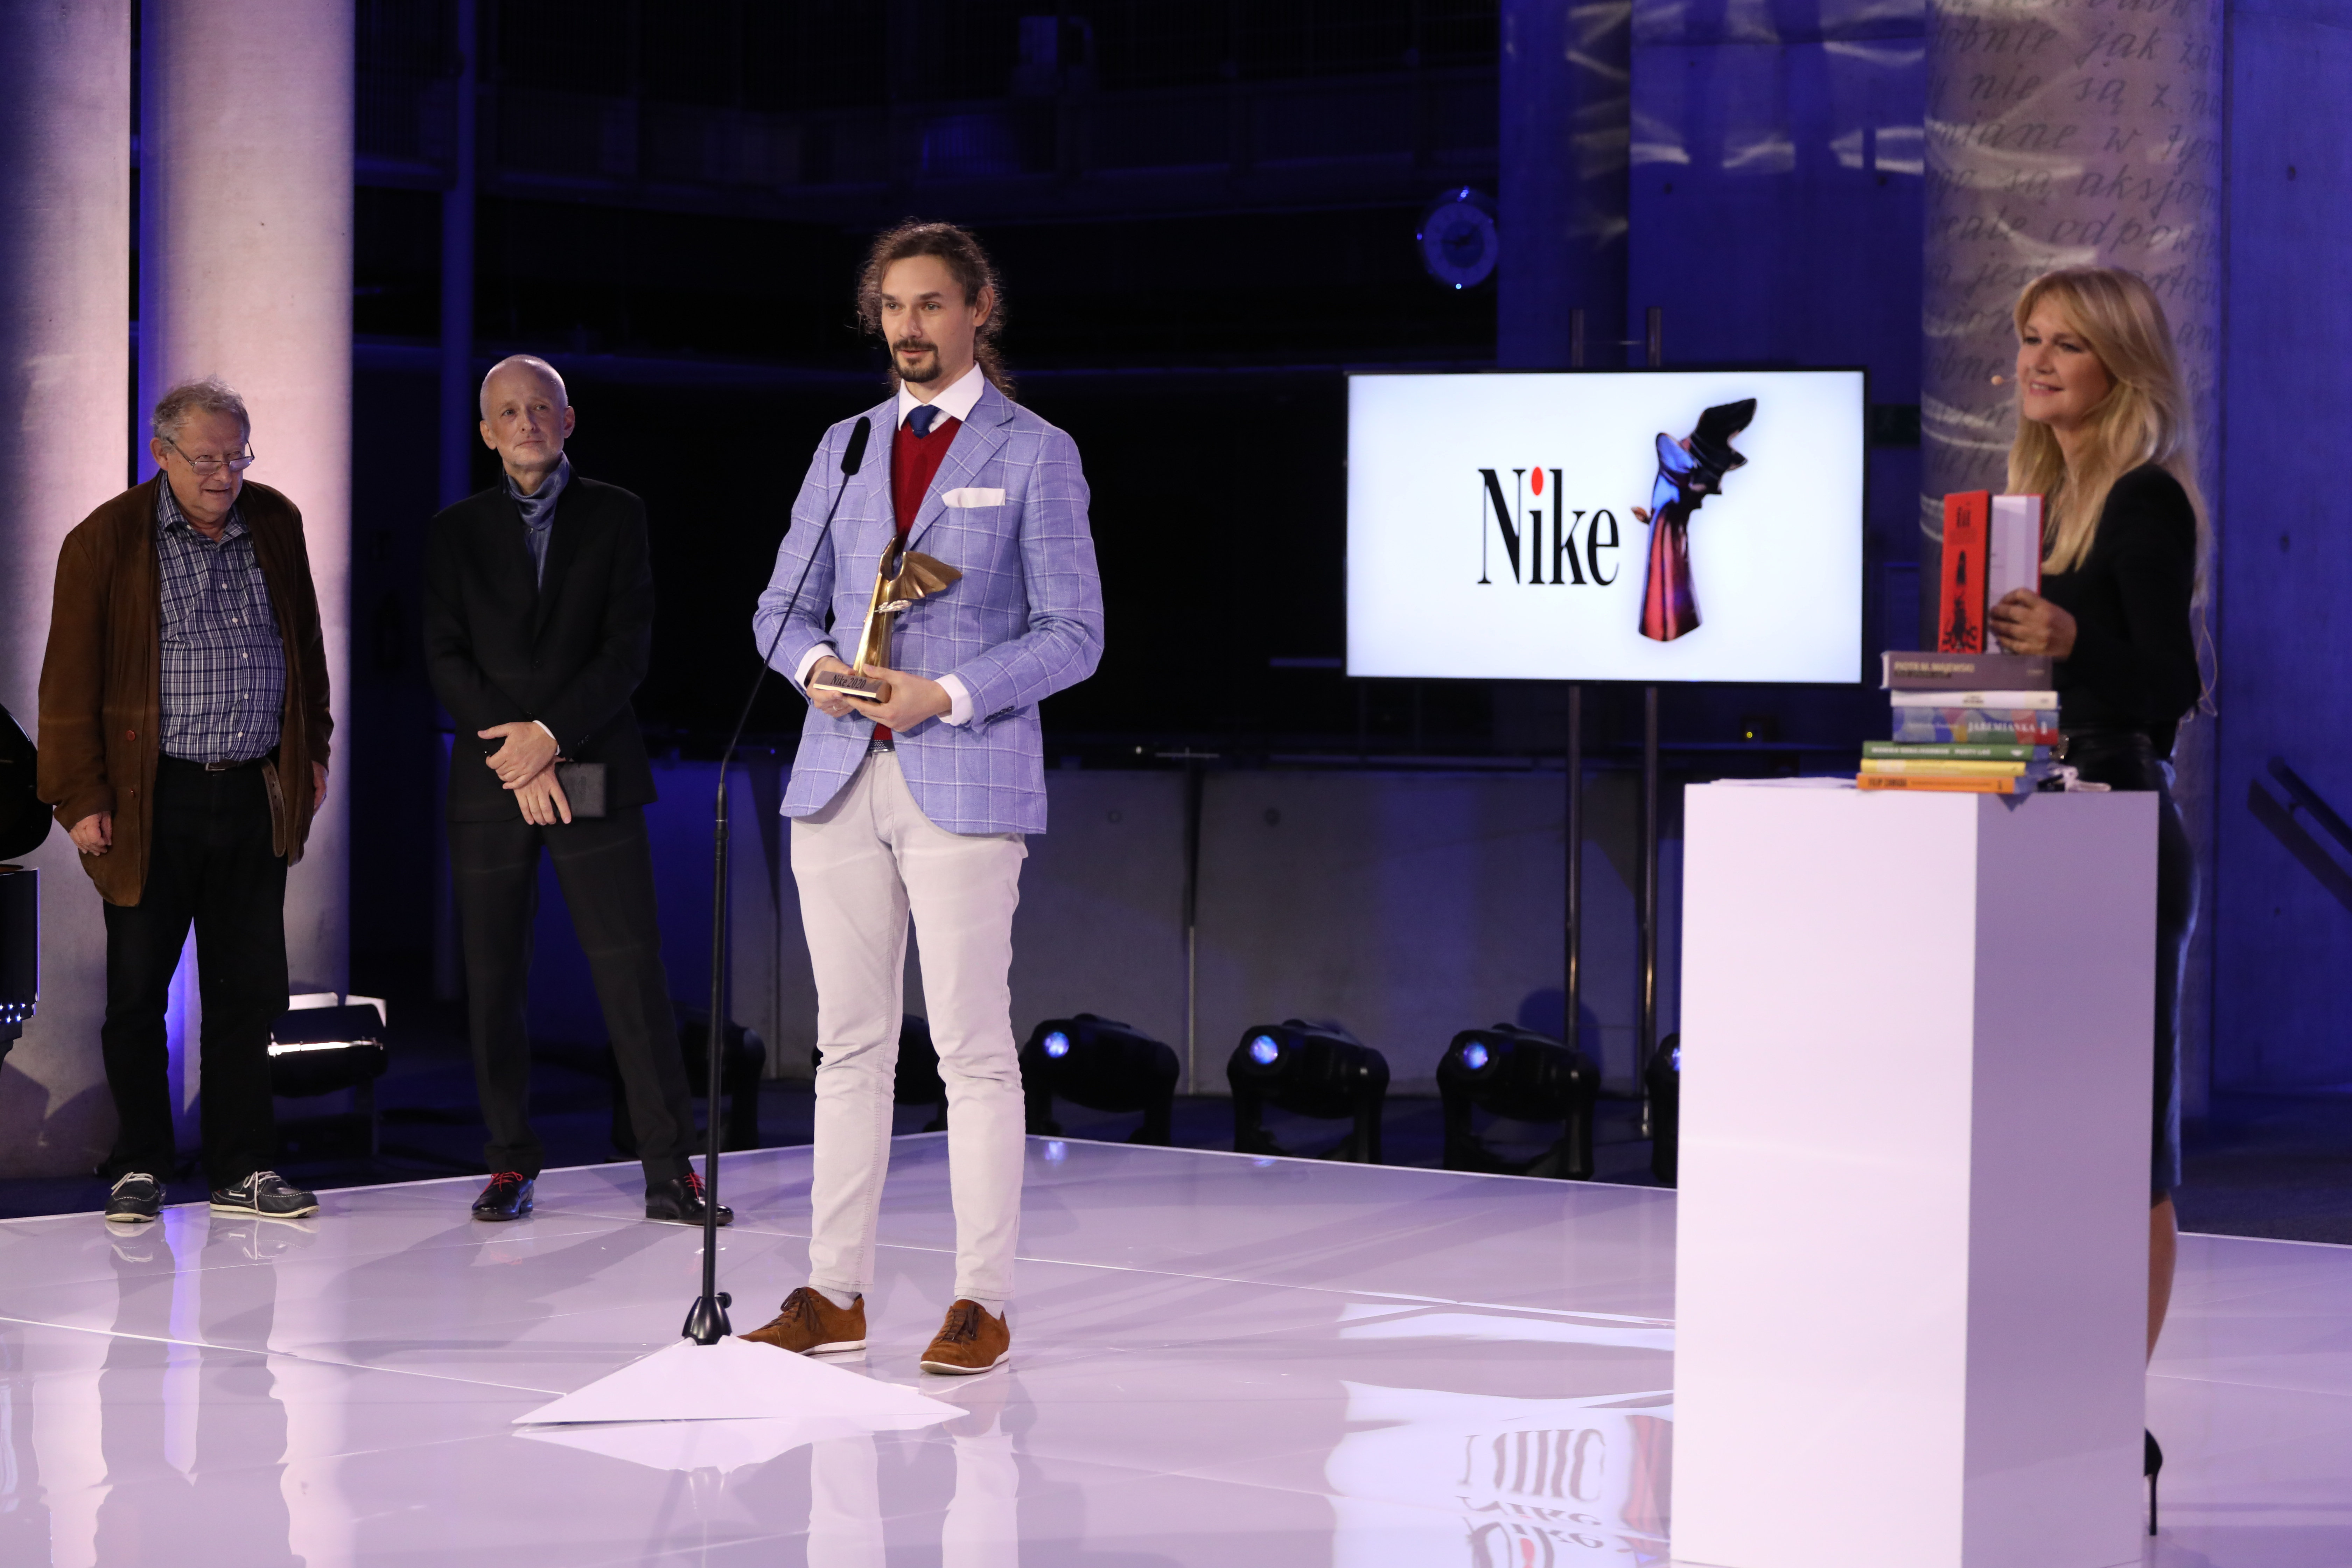 Zwycięzca NIke 2020